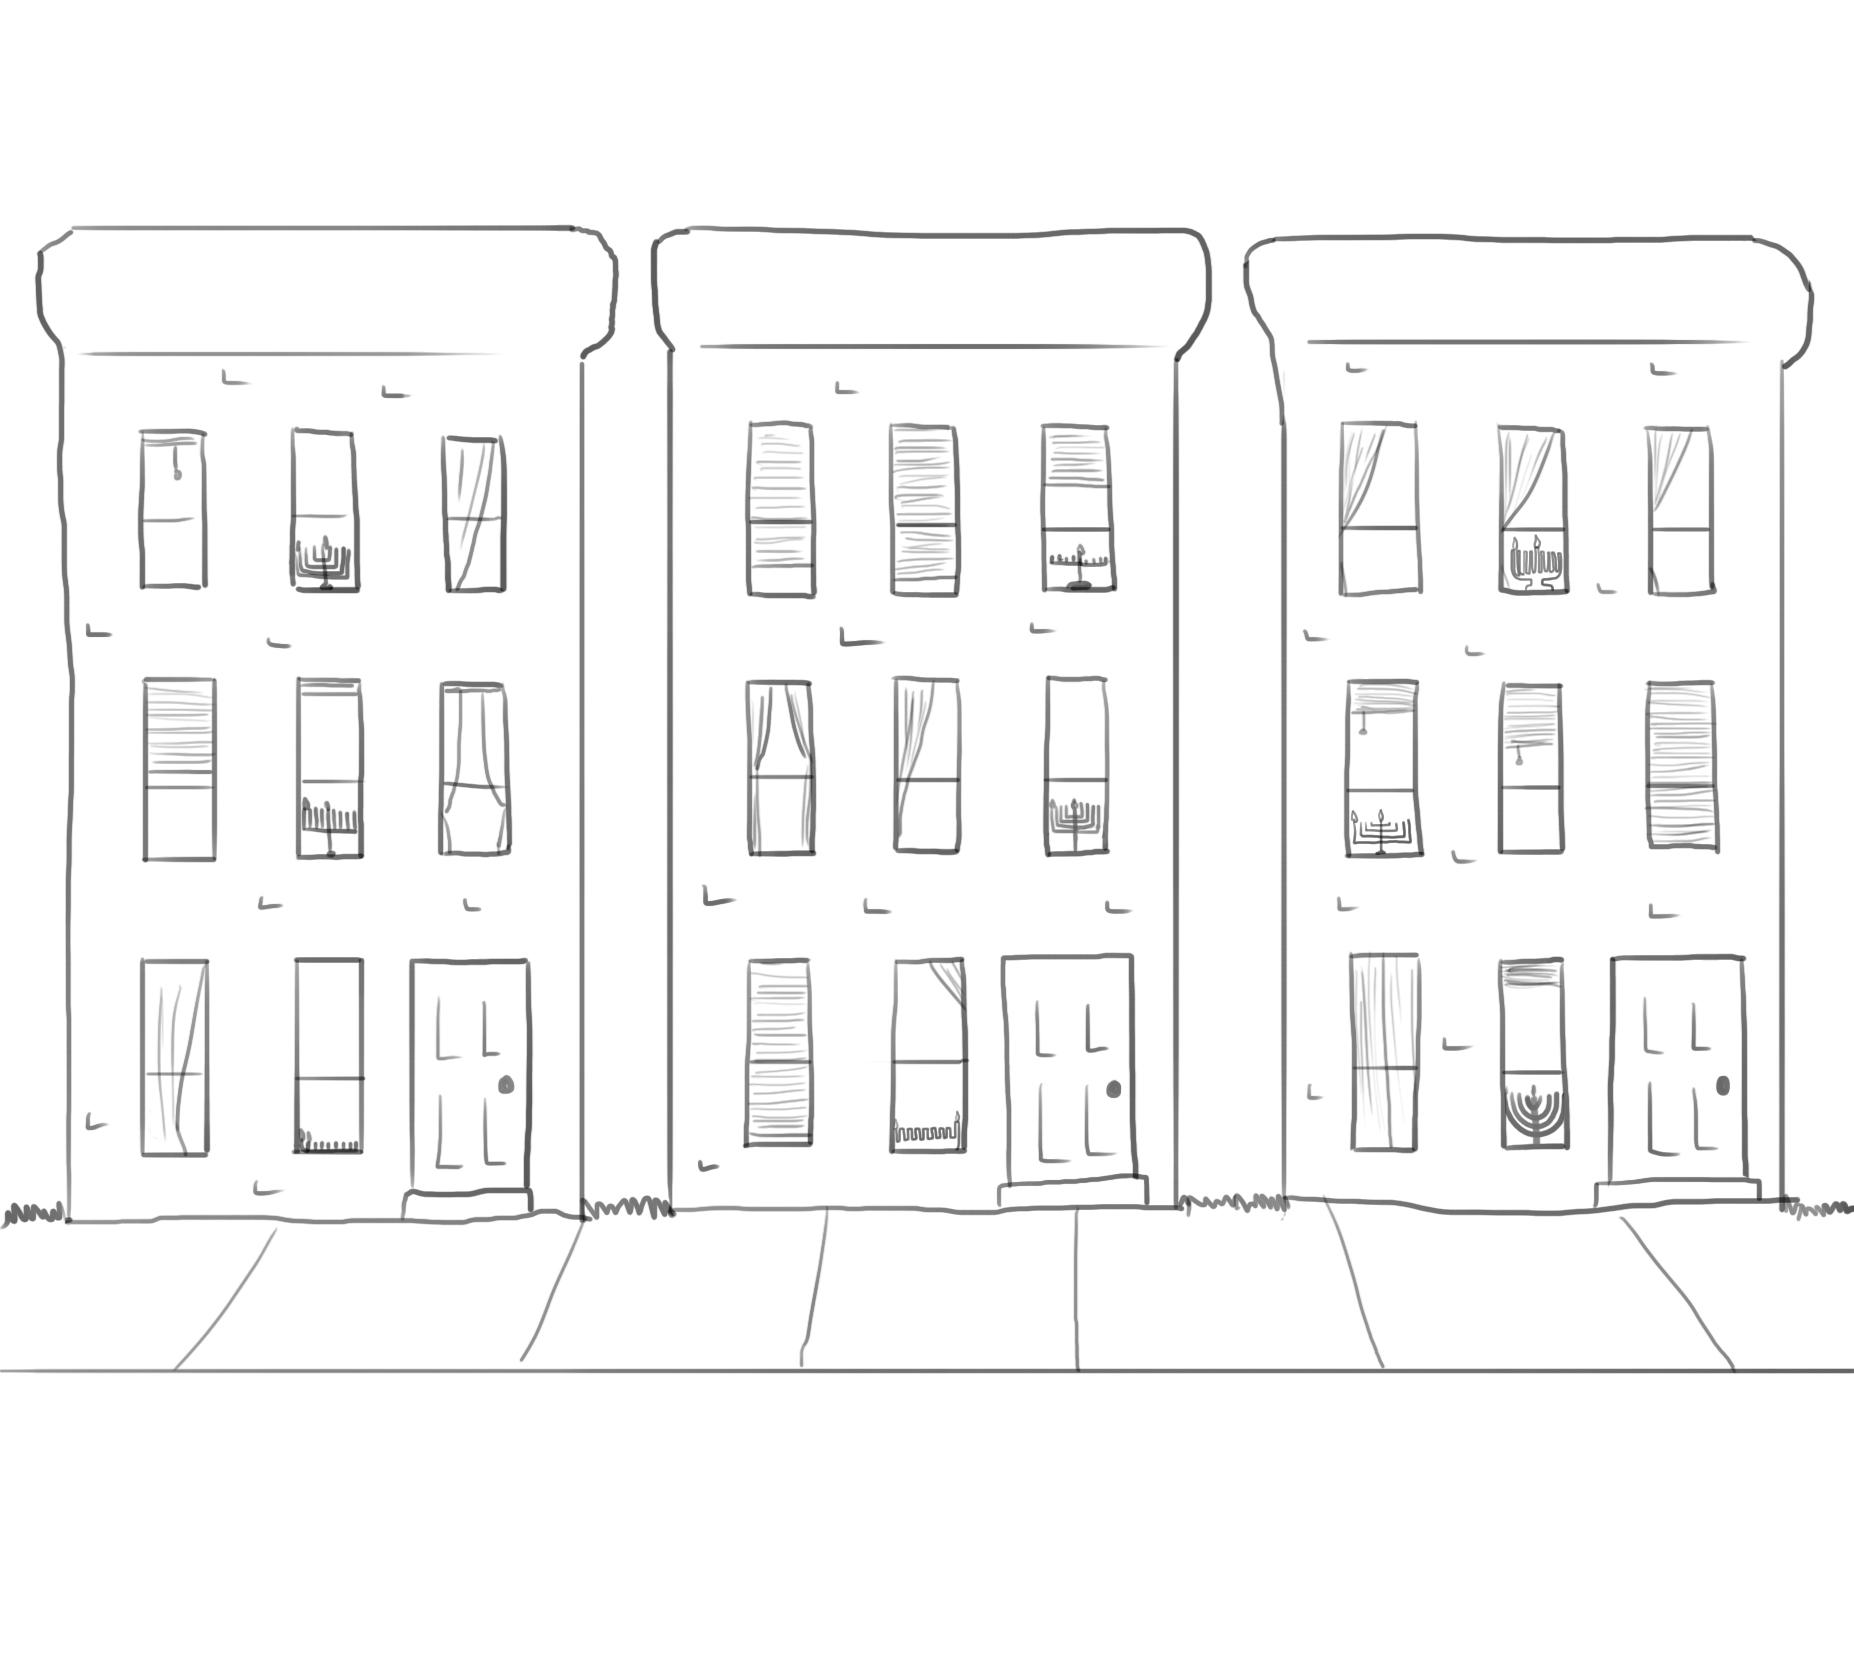 chanukah apartments.jpg